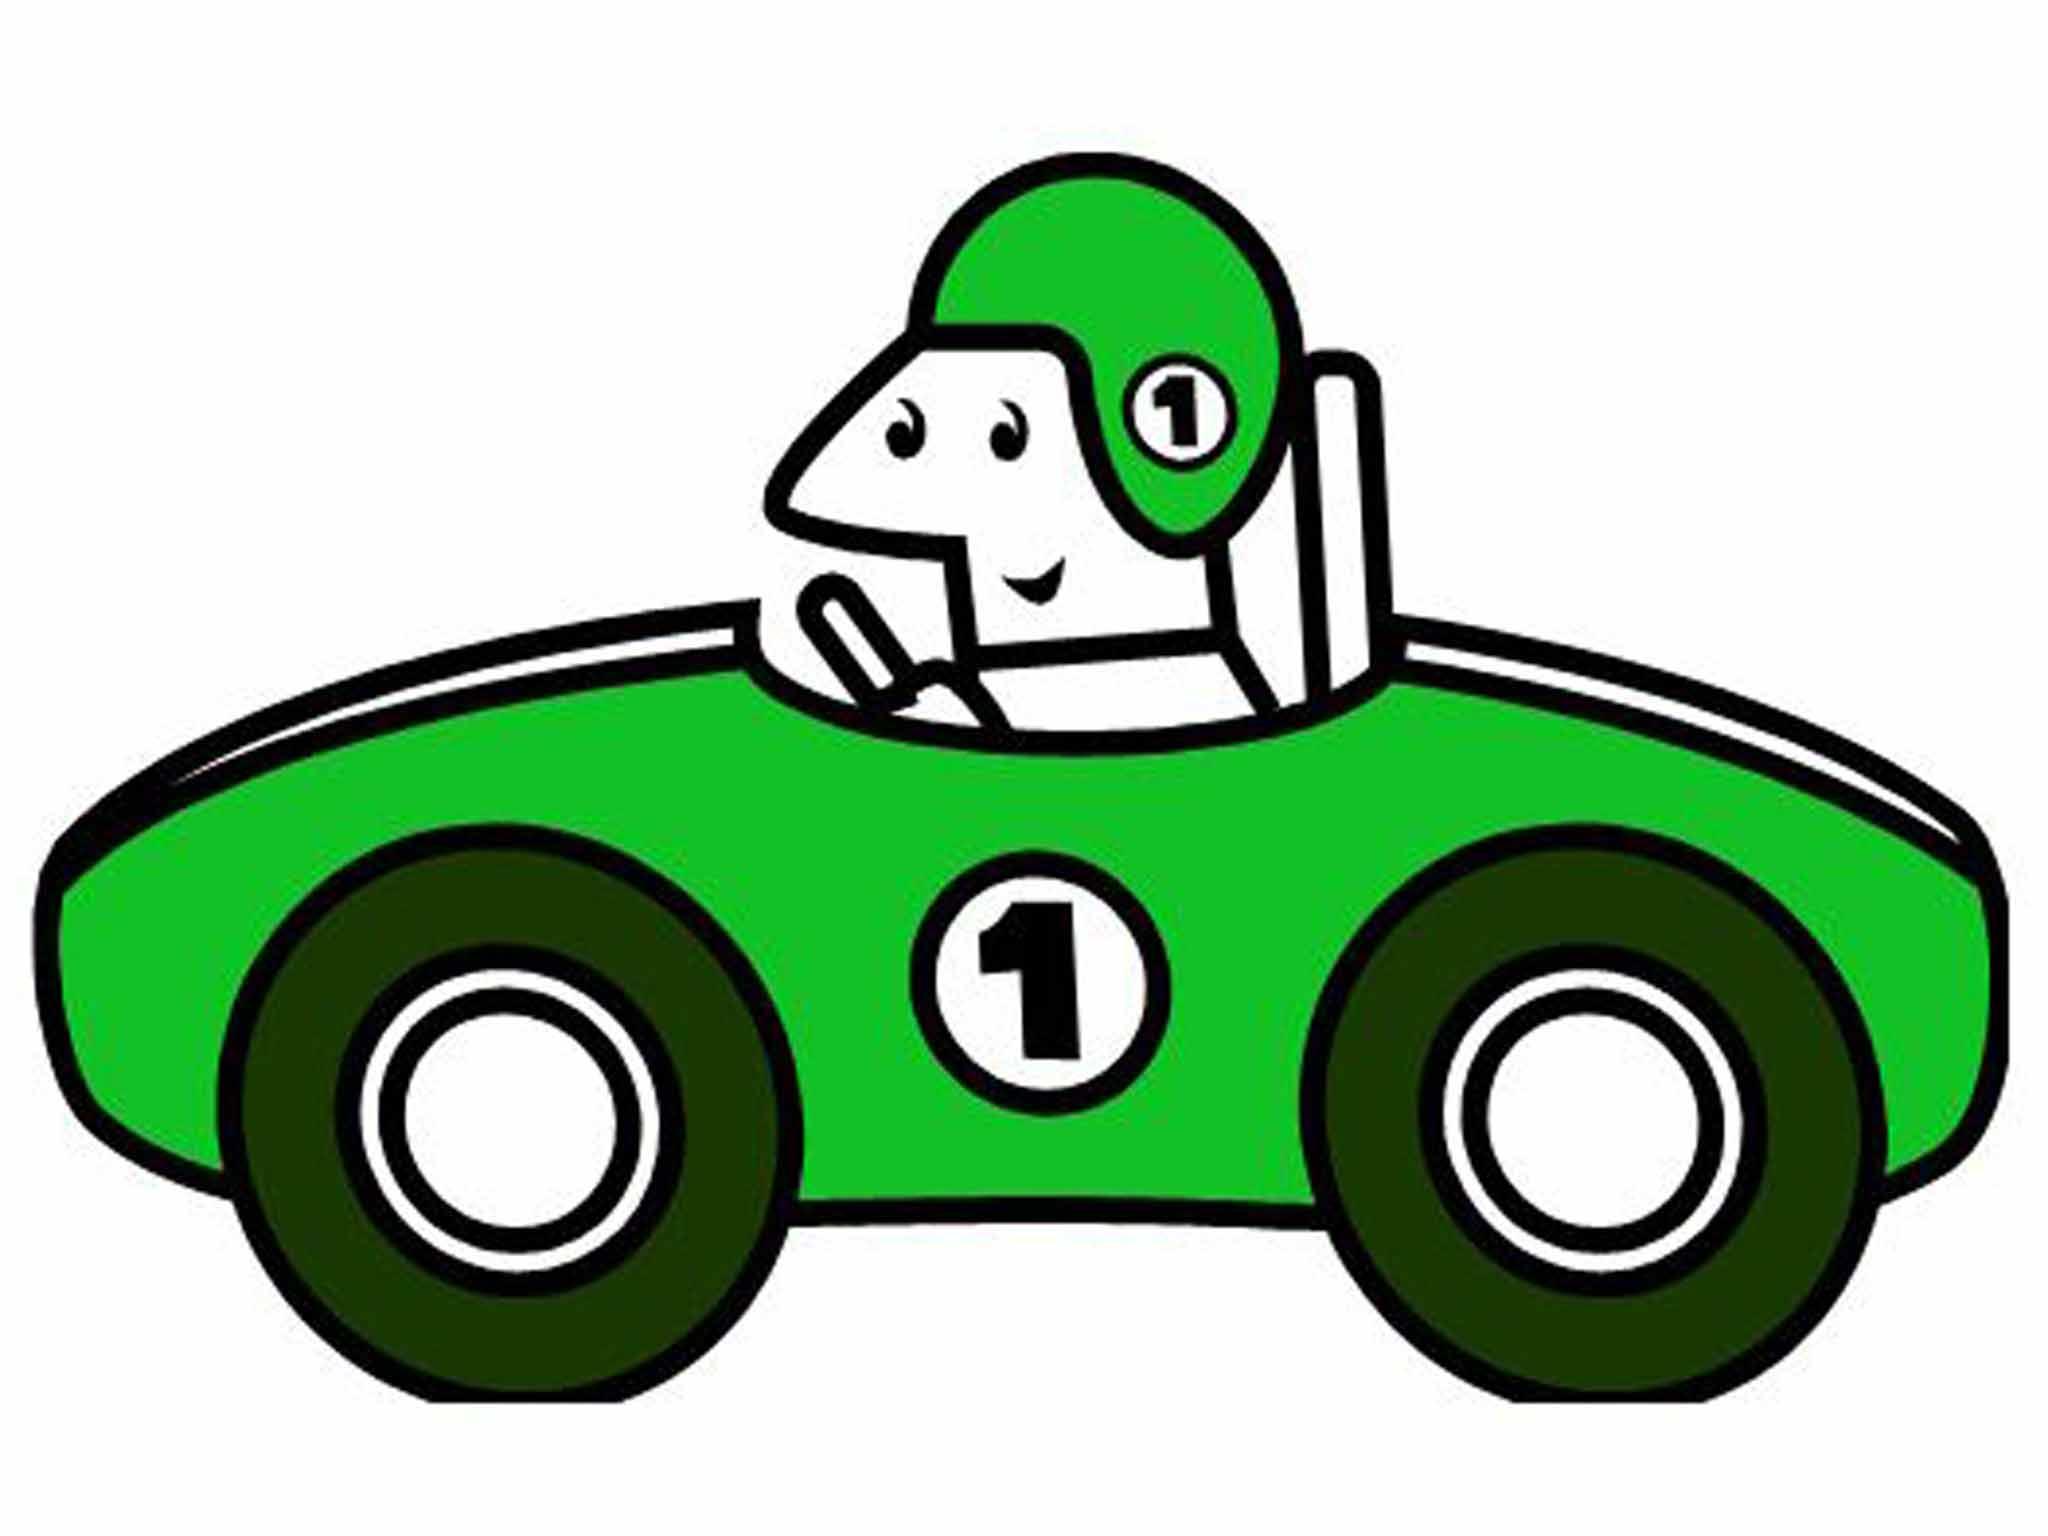 2048x1536 Race Car Crash Clipart Clipartfest